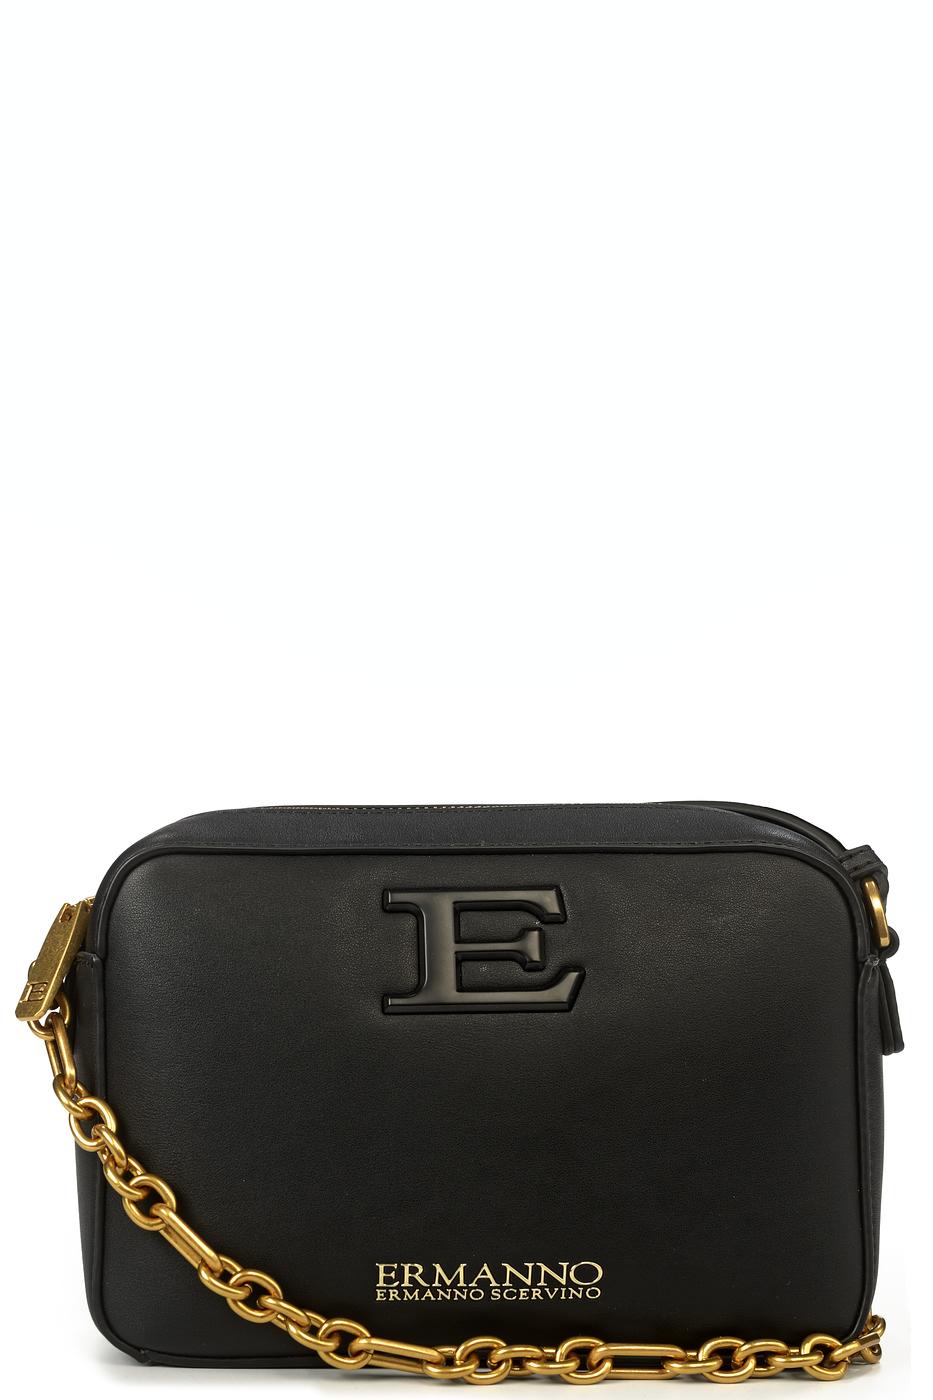 Сумка-клатч женская Ermanno Scervino ESC12401053 черная